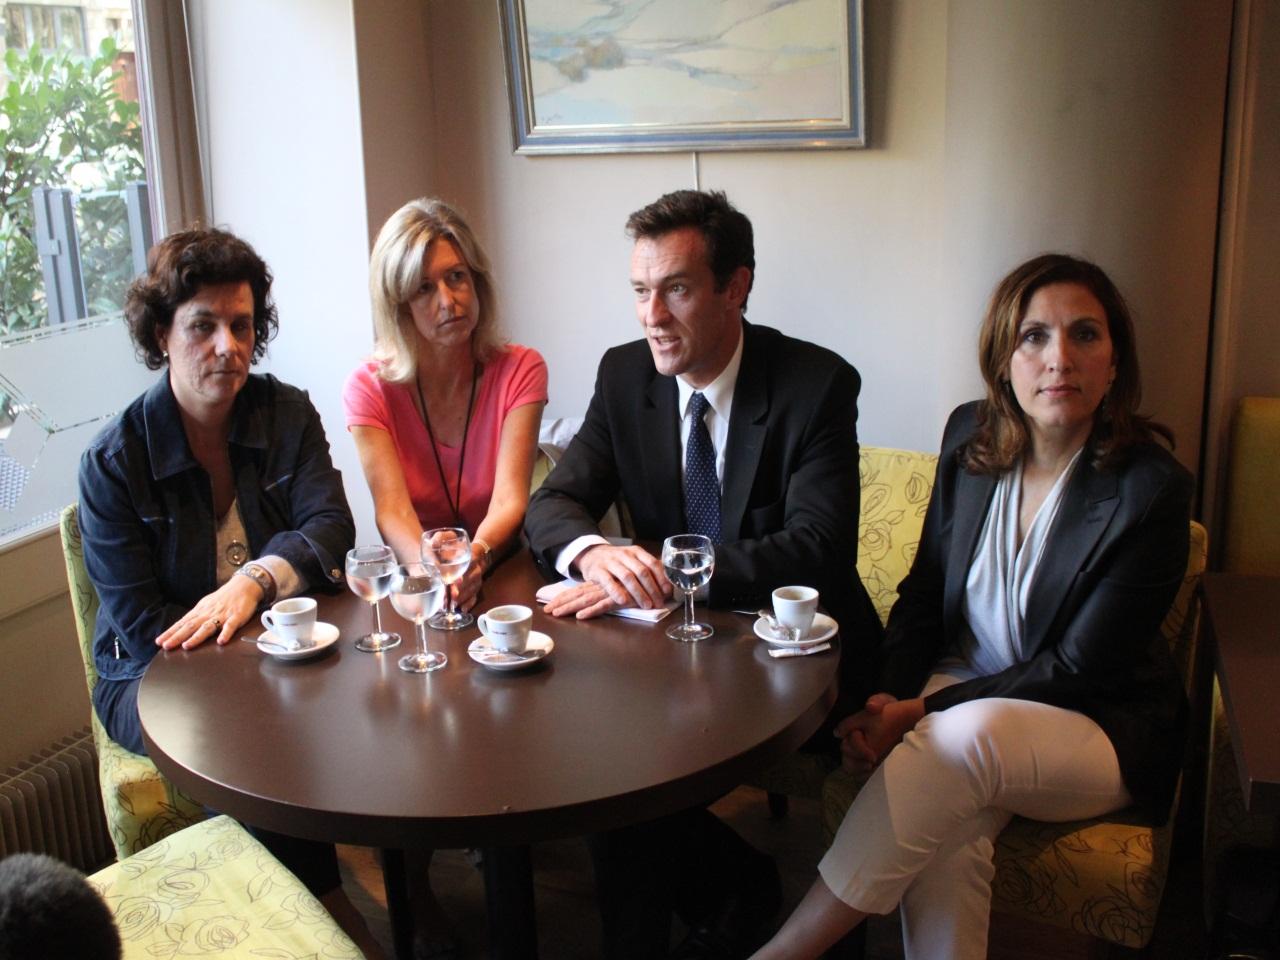 Laure Dagorne, Laurence Balas, Michel Havard et Nora Berra tous derrière l'ancien lieutenant de Sarkozy - LyonMag